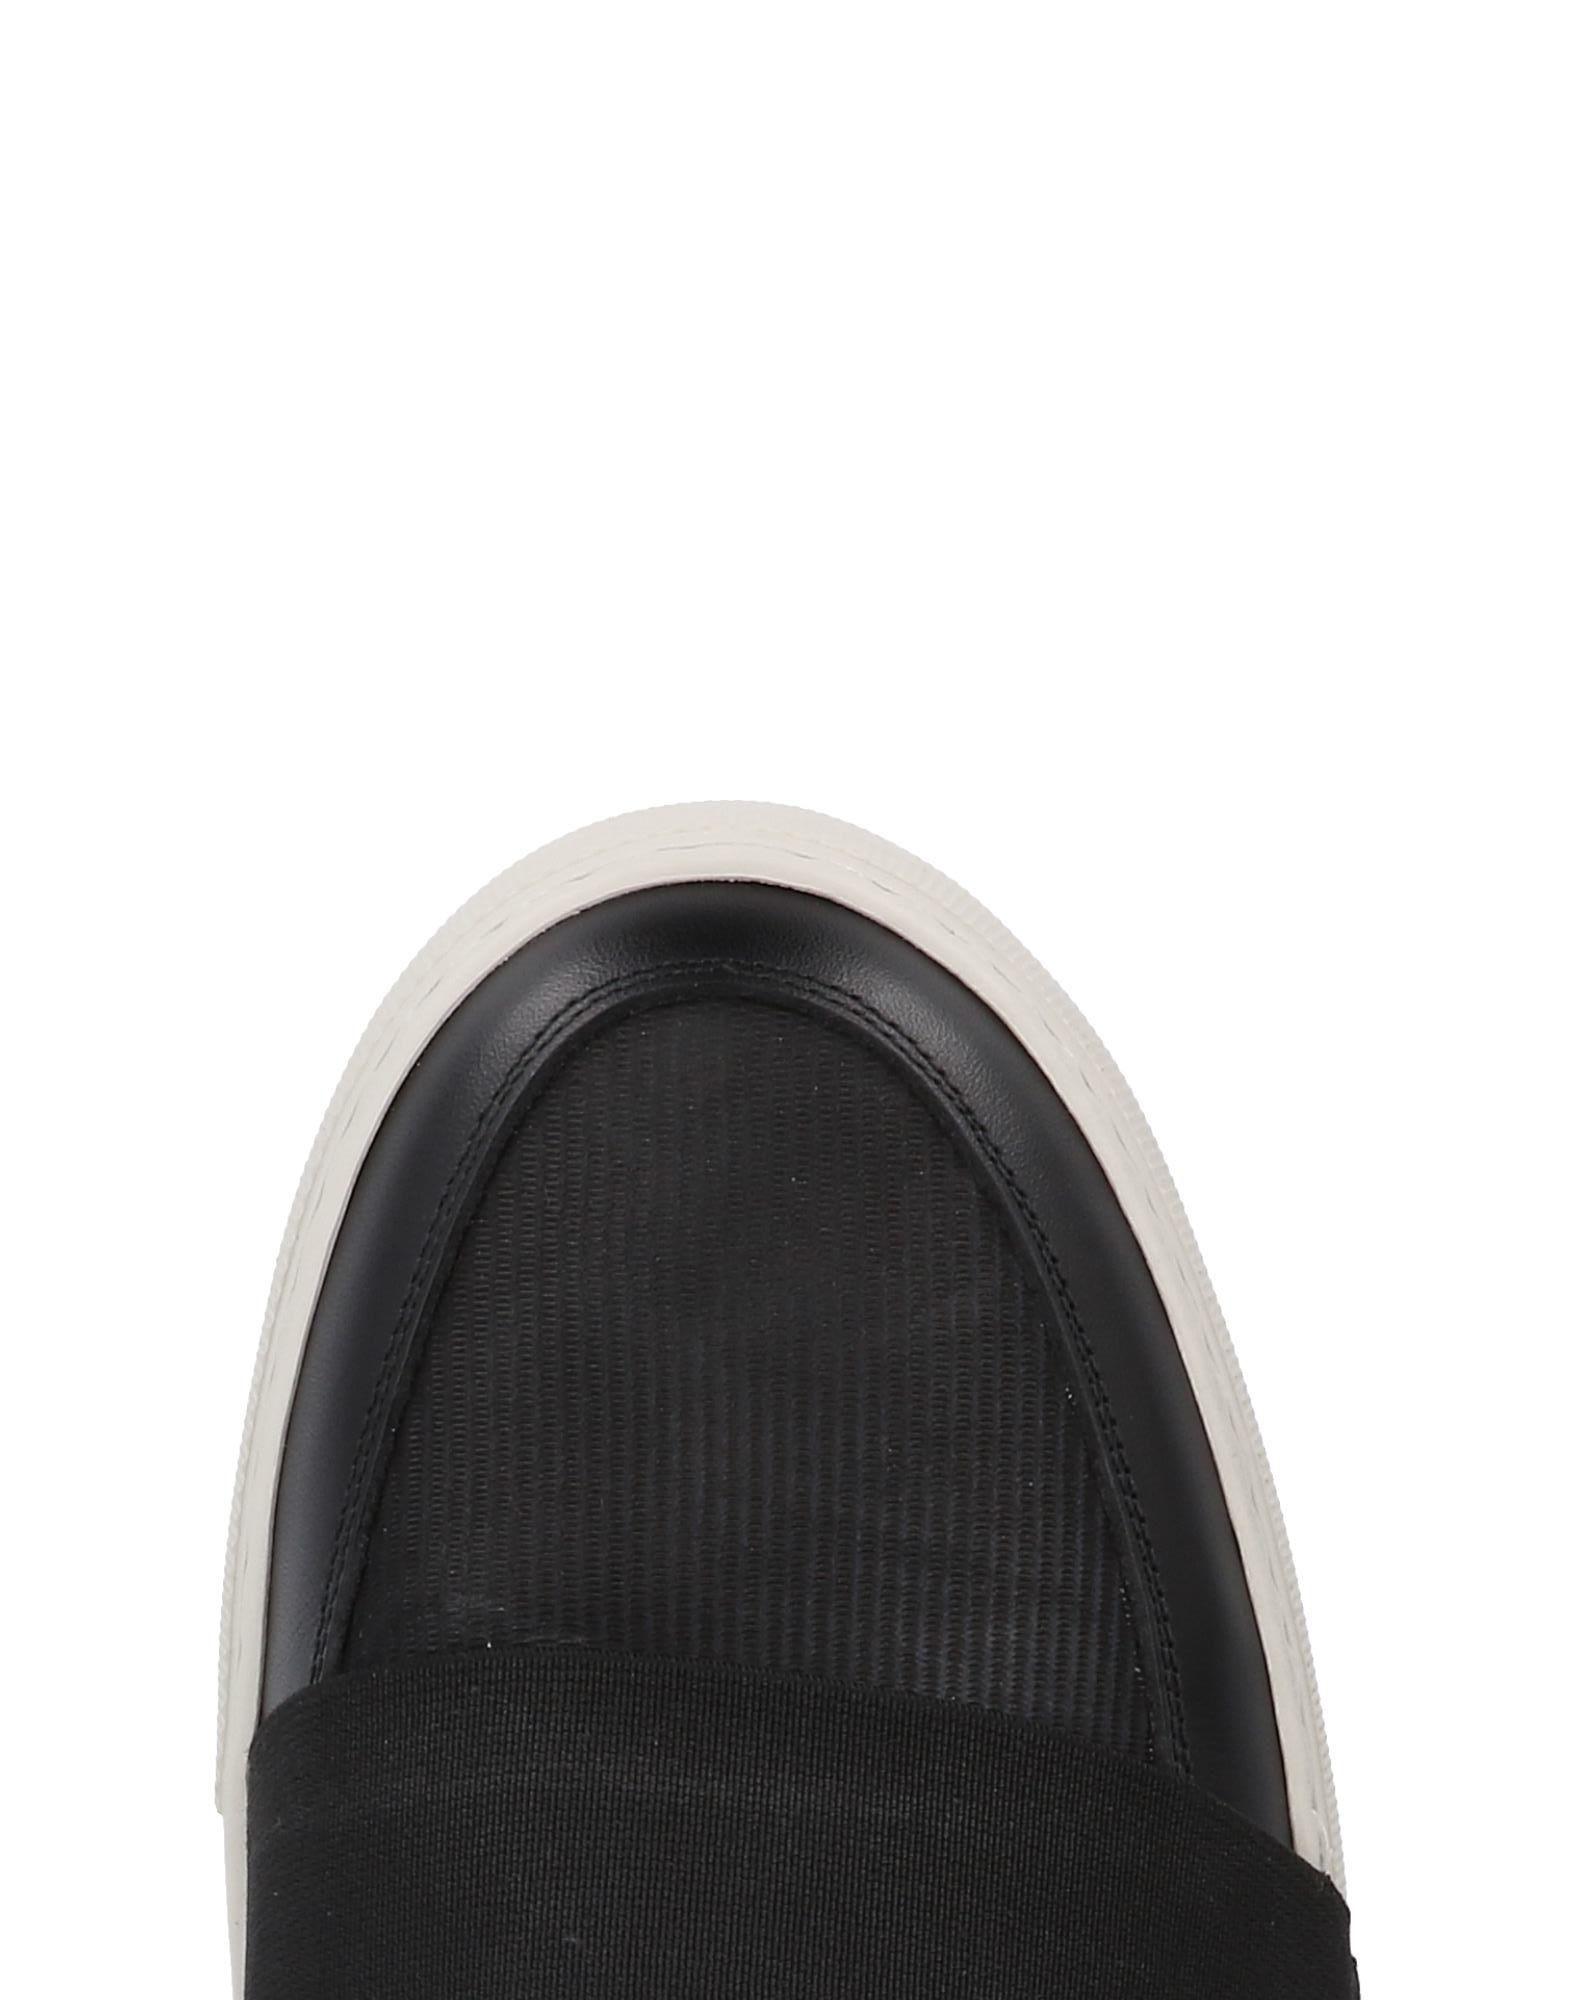 Emporio Armani Sneakers Herren  11465534BM 11465534BM  Neue Schuhe 21ac5e